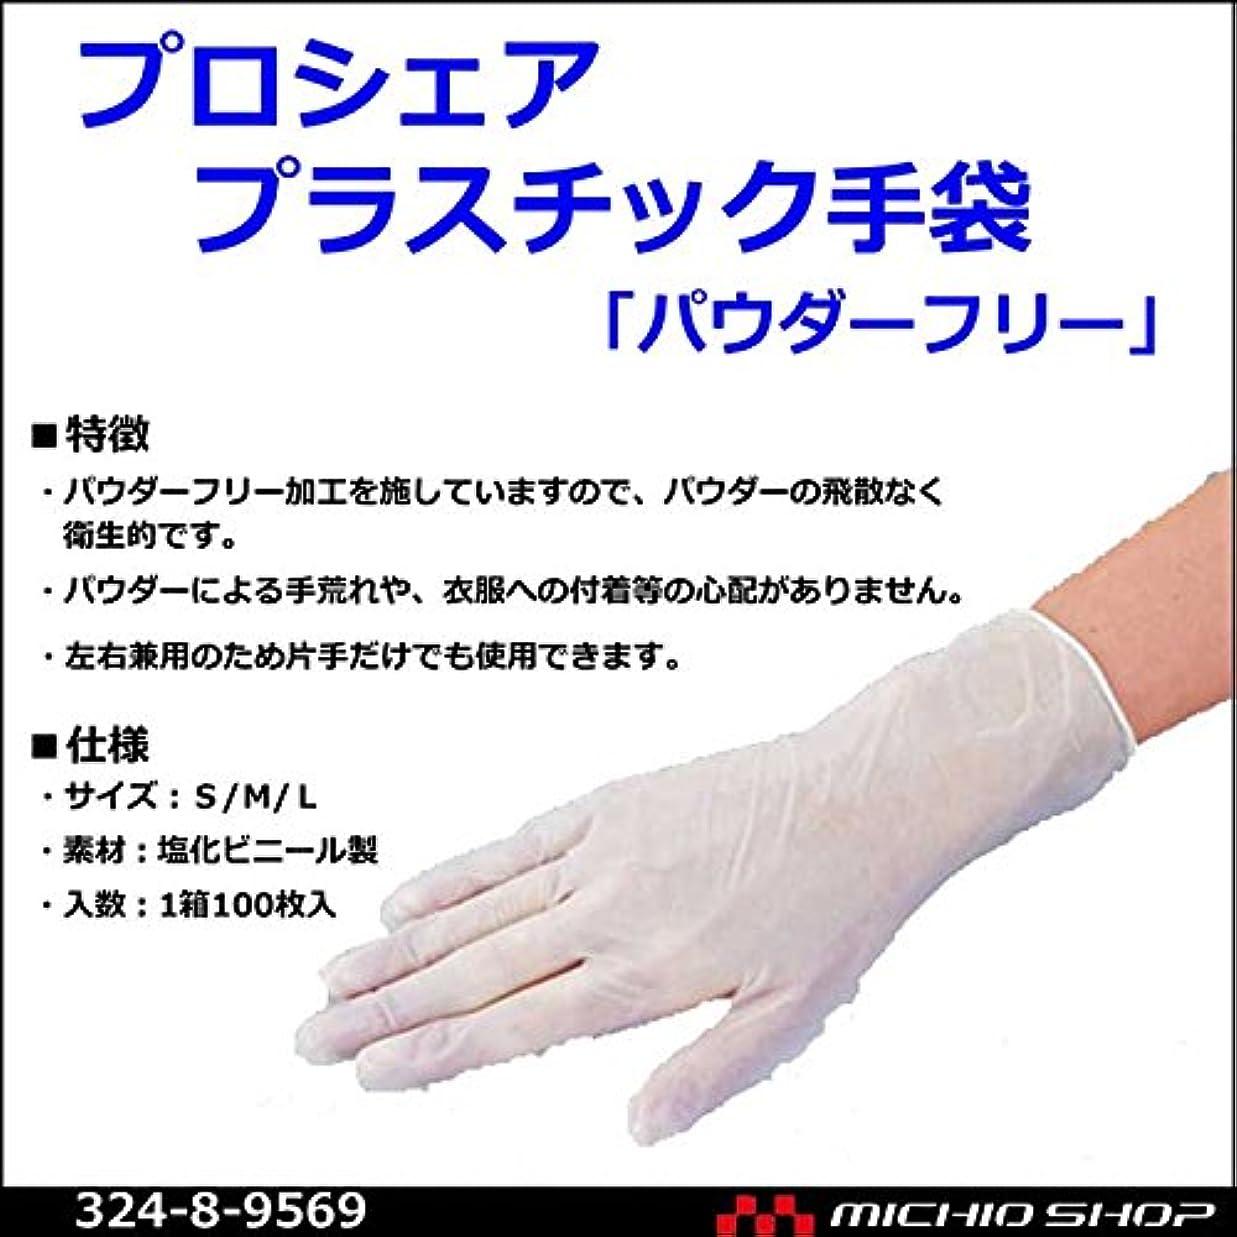 法王満たす制裁アズワン プロシェアプラスチック手袋 100枚入 8-9569 03 S